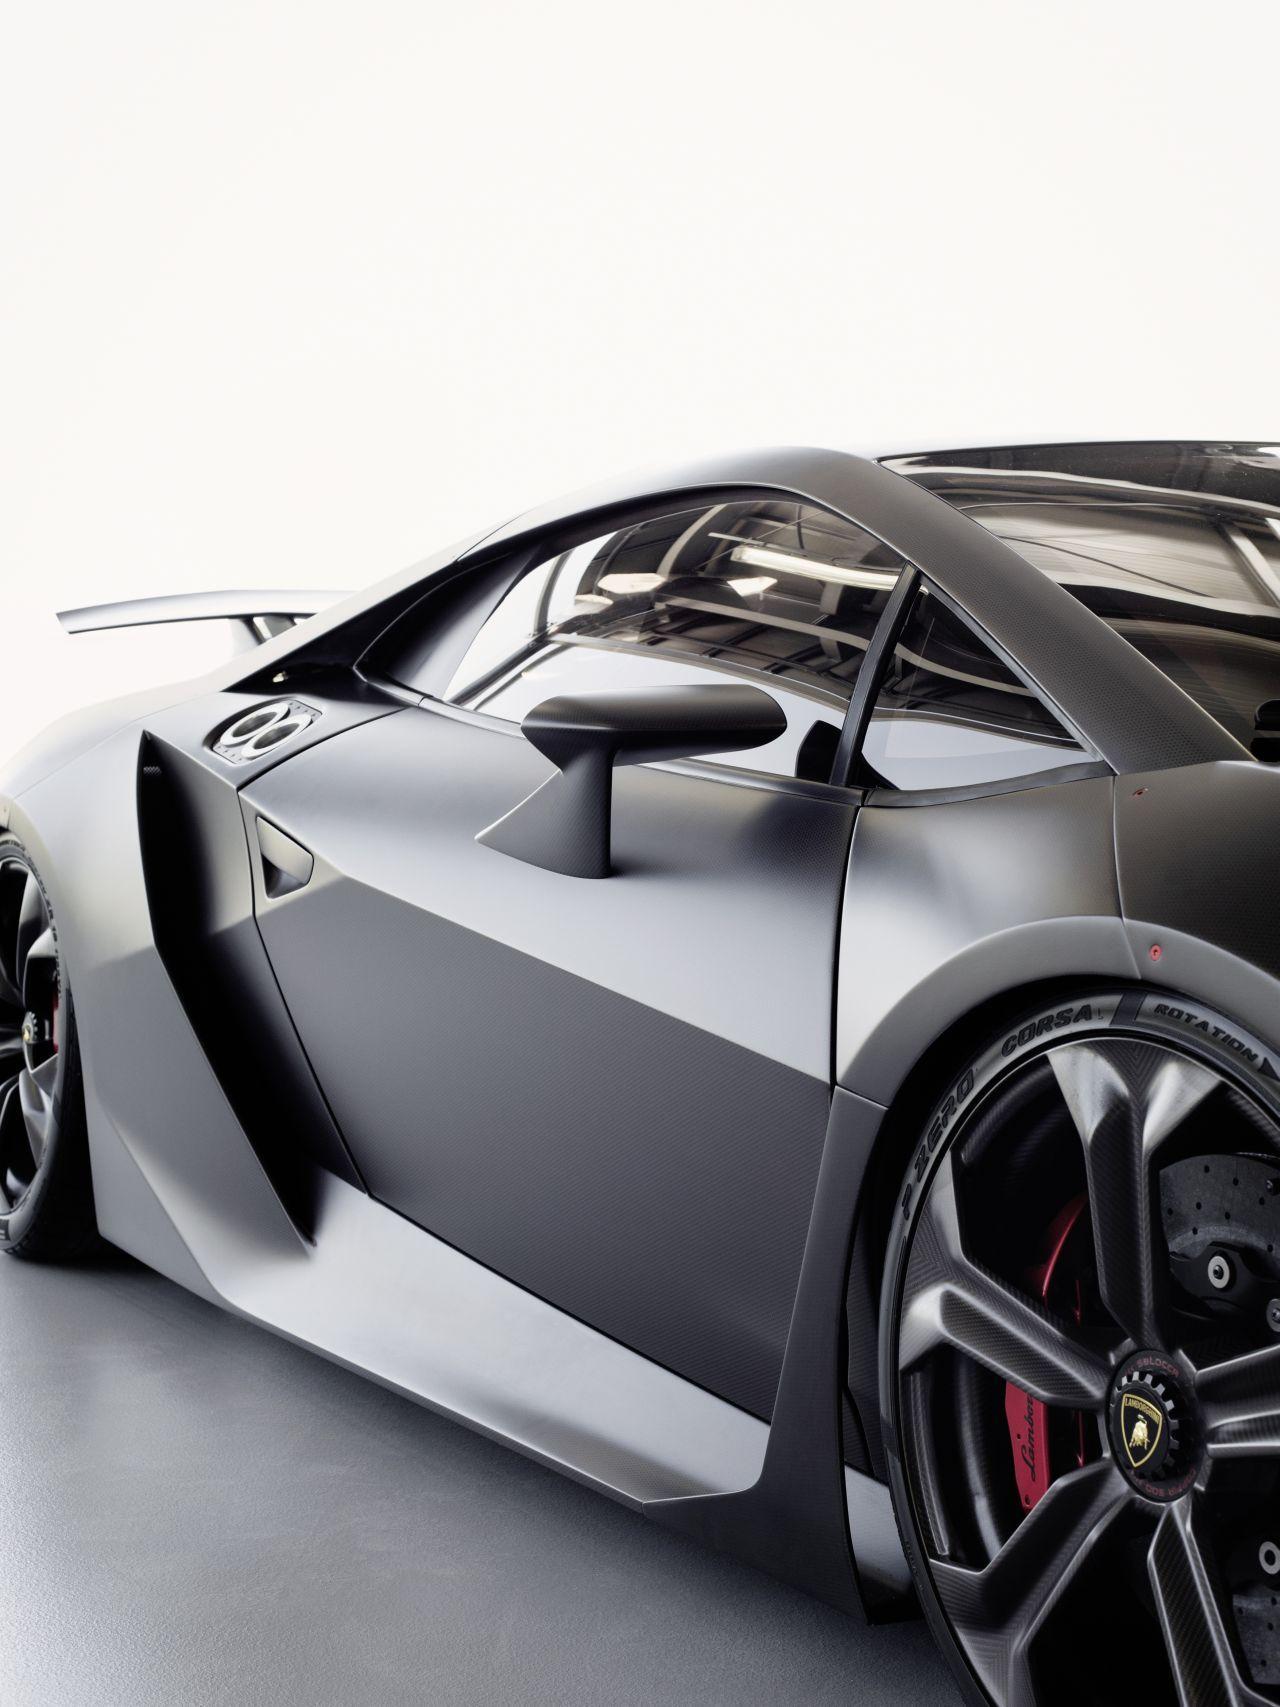 Lamborghini Sesto Elemento The Superslice